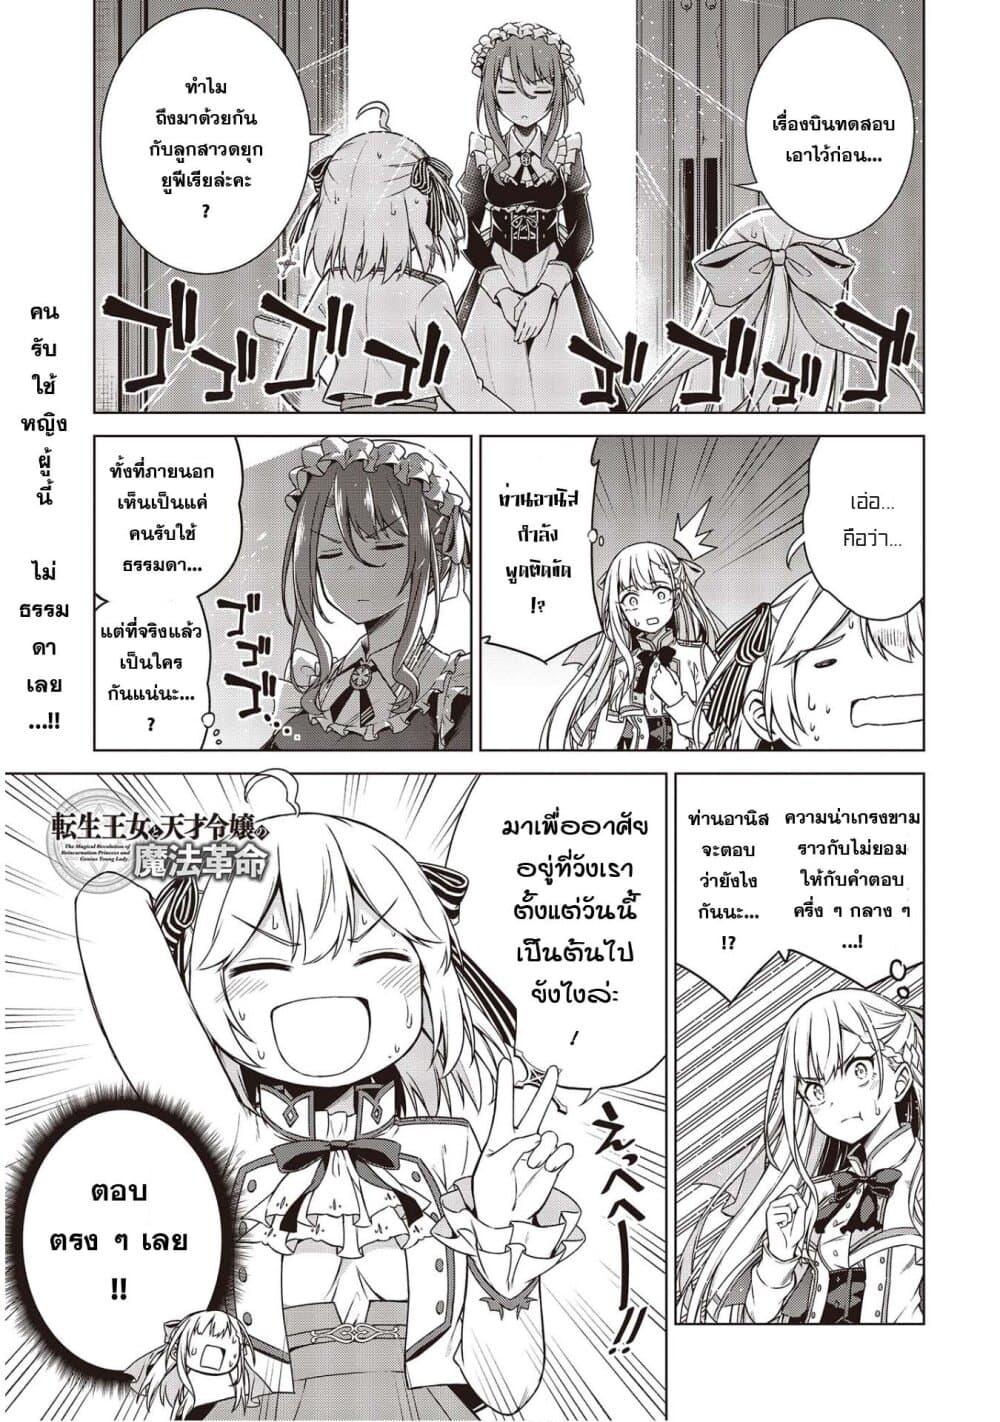 Tensei Oujo to Tensai Reijou no Mahou Kakumei การปฏิวัติเวทมนตร์ขององค์หญิงเกิดใหม่และคุณหนูอัจฉริยะ ตอนที่ 3